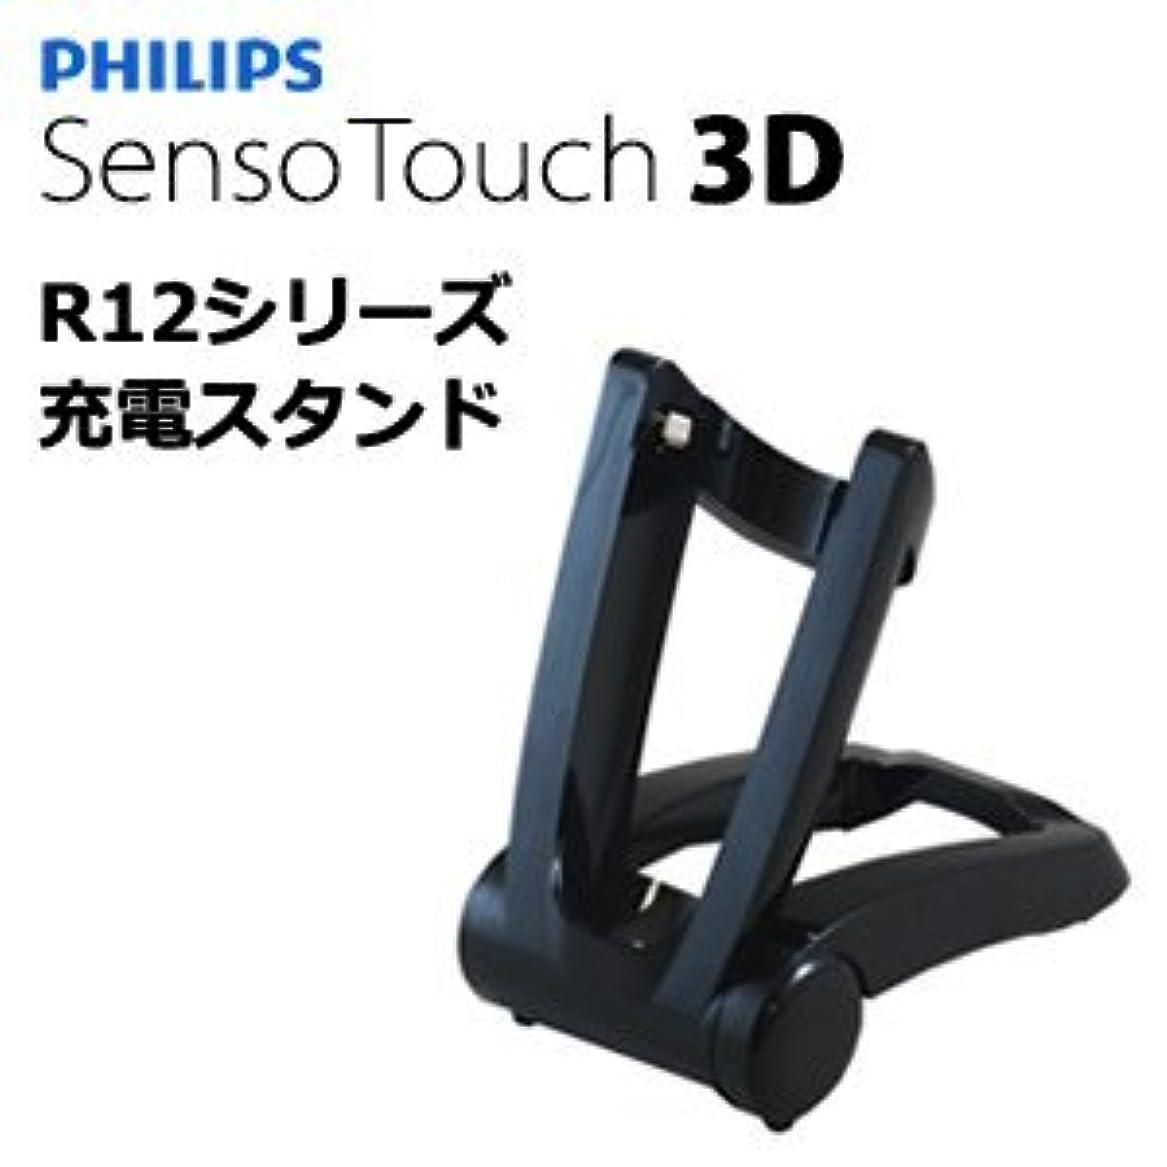 バースト持っている木曜日PHILIPS 電動シェーバー Senso Touch 3D RQ12シリーズ 充電器 チャージャースタンド フィリップス センソタッチ シリーズ 携帯 充電器 チャージャー スタンド